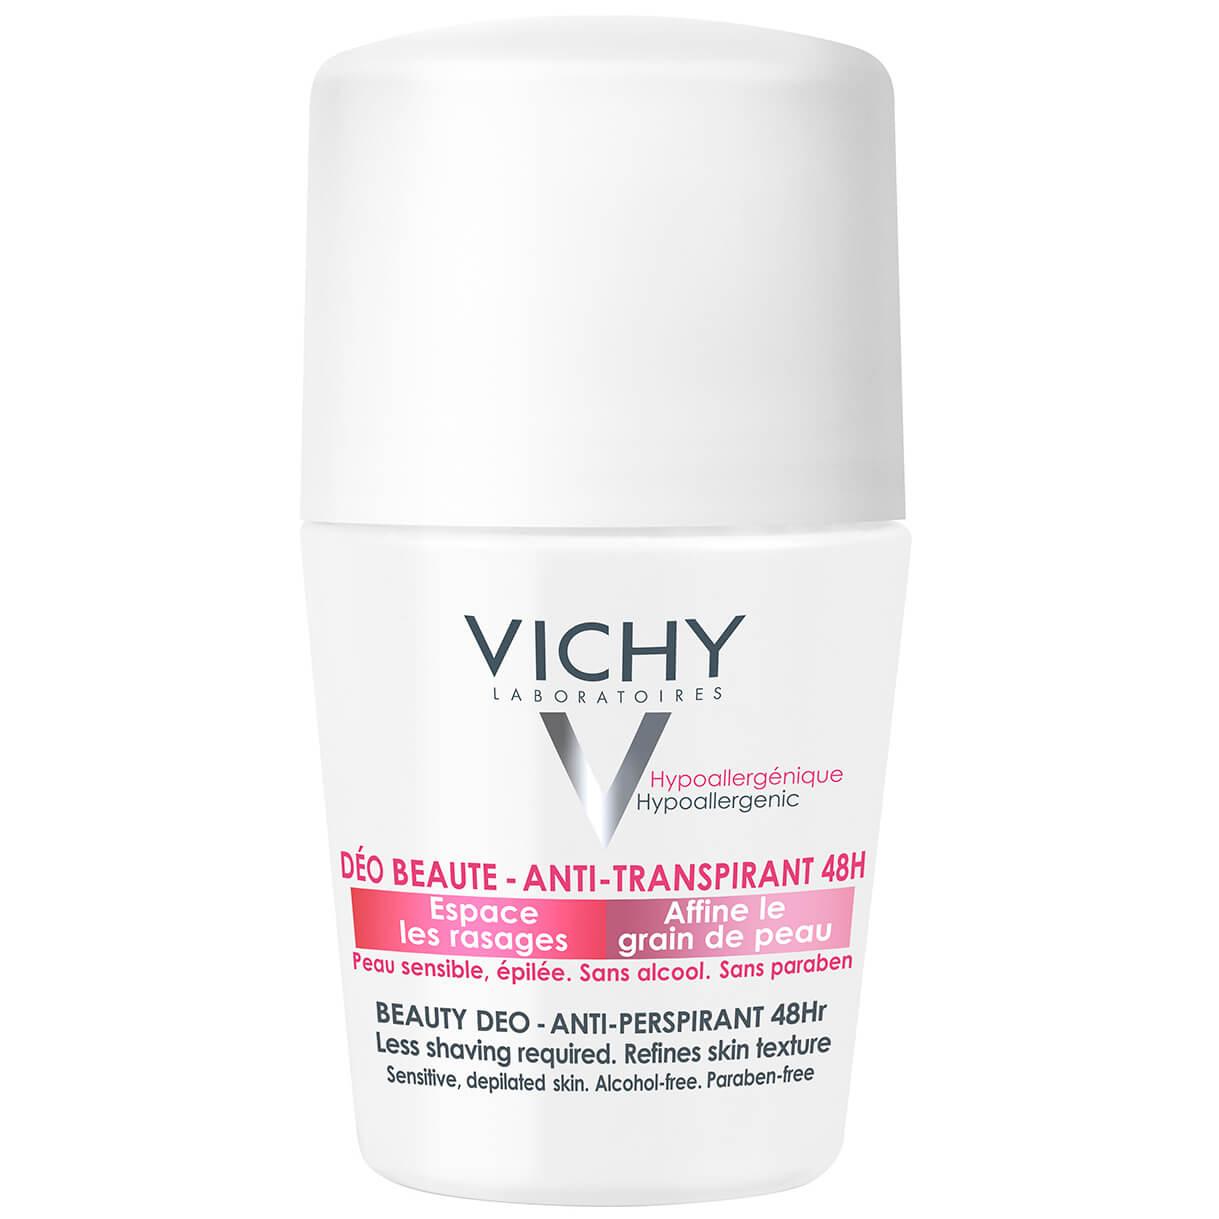 Vichy Deodorante Ideal Finish 48h Αποσμητική Φροντίδα για Γυναίκες με Ευχάριστο Άρωμα 50ml